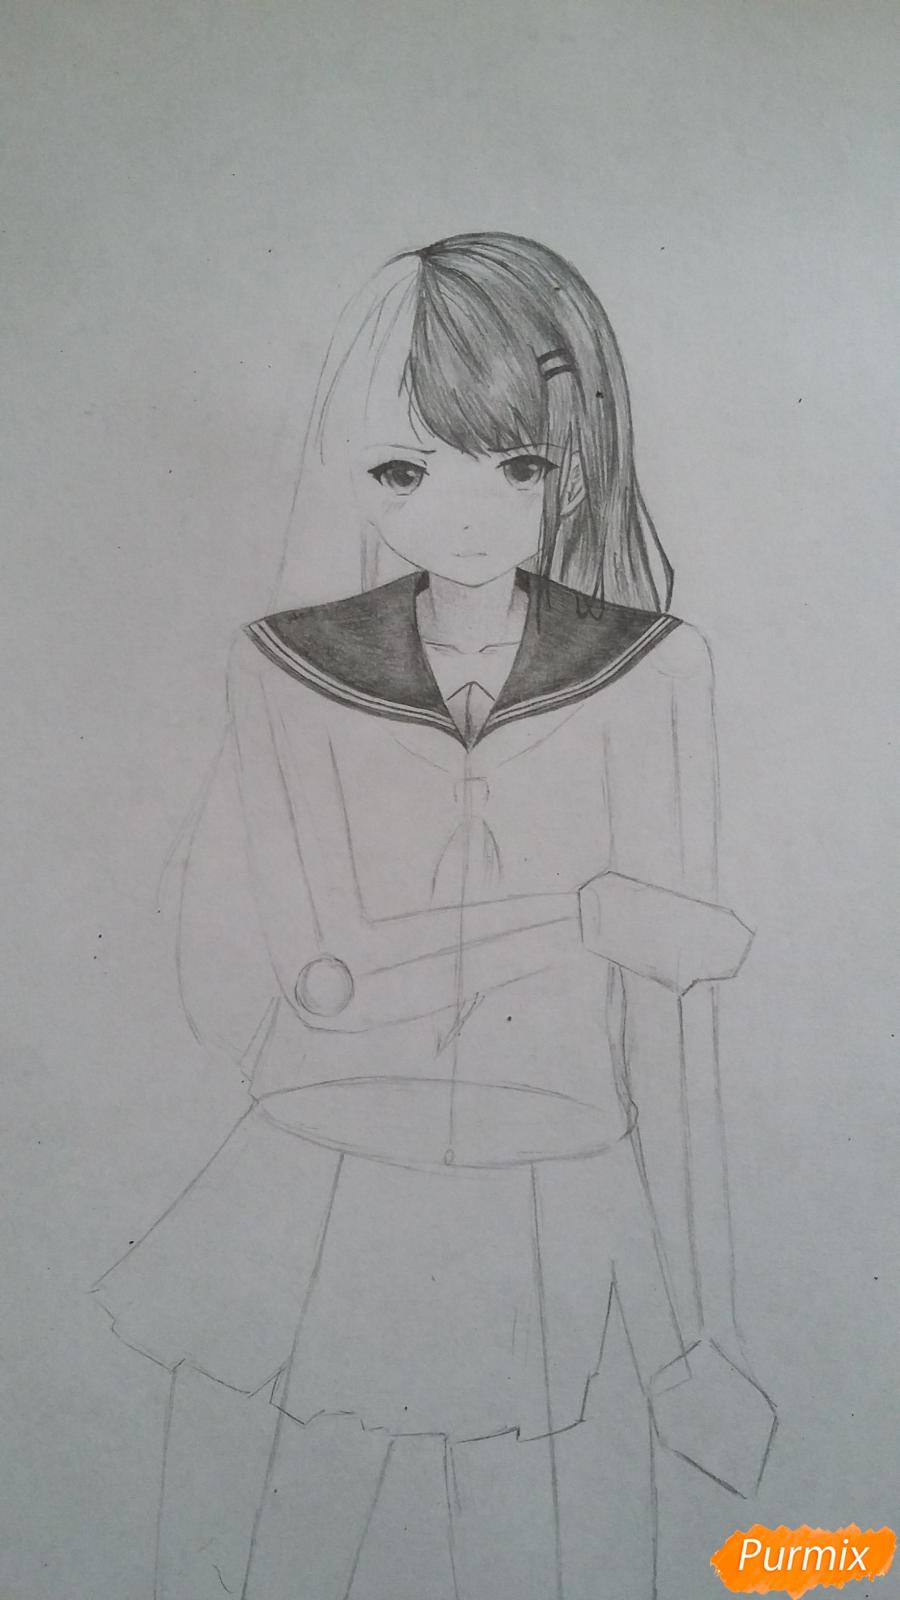 Рисуем девушку с катаной в аниме стиле - шаг 6